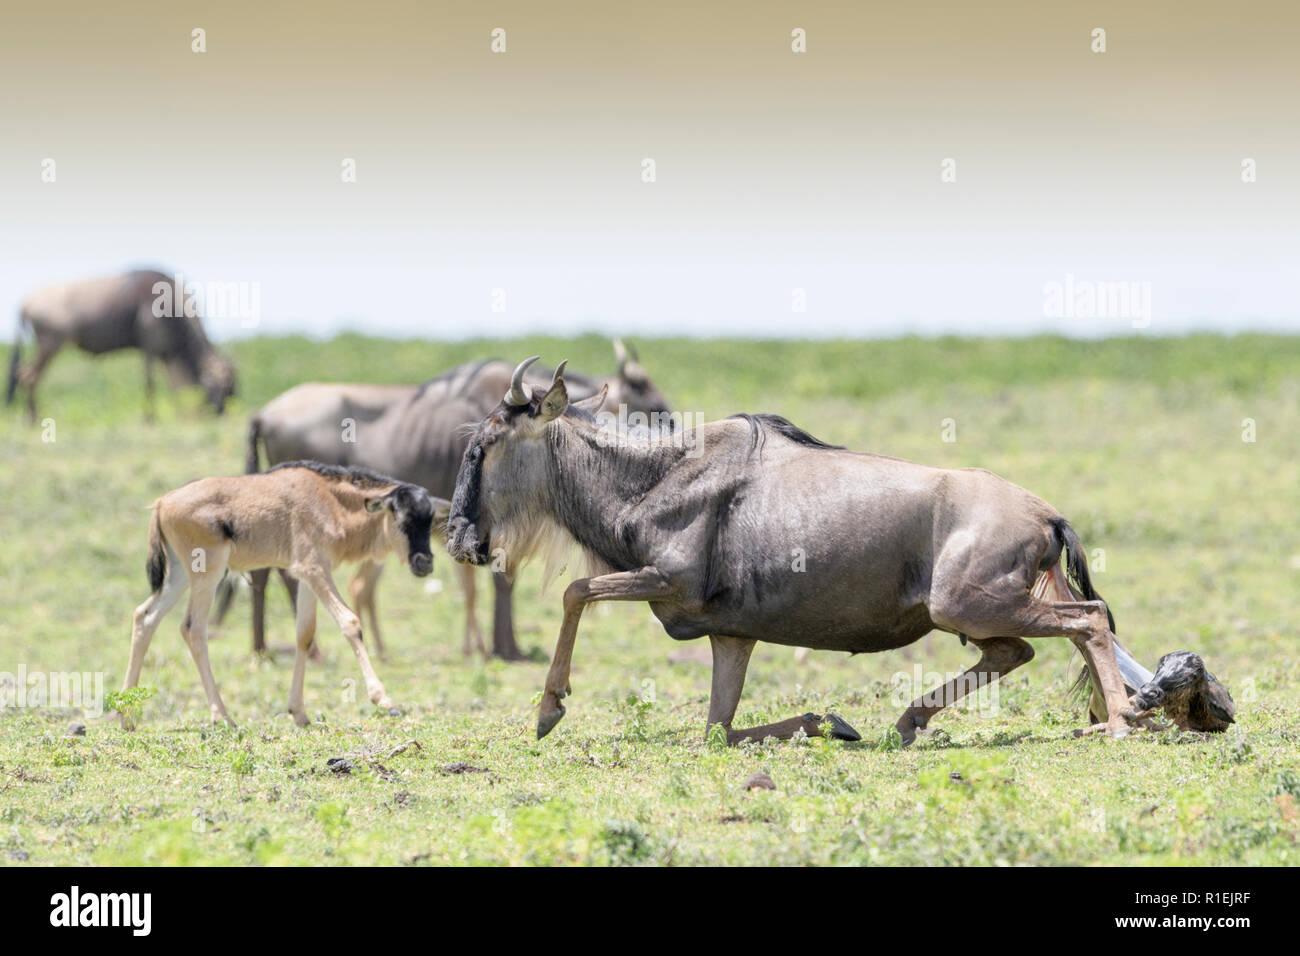 El ñu azul (Connochaetes taurinus) standin hasta después de dar a luz a un ternero, el área de conservación de Ngorongoro, Tanzania. Foto de stock